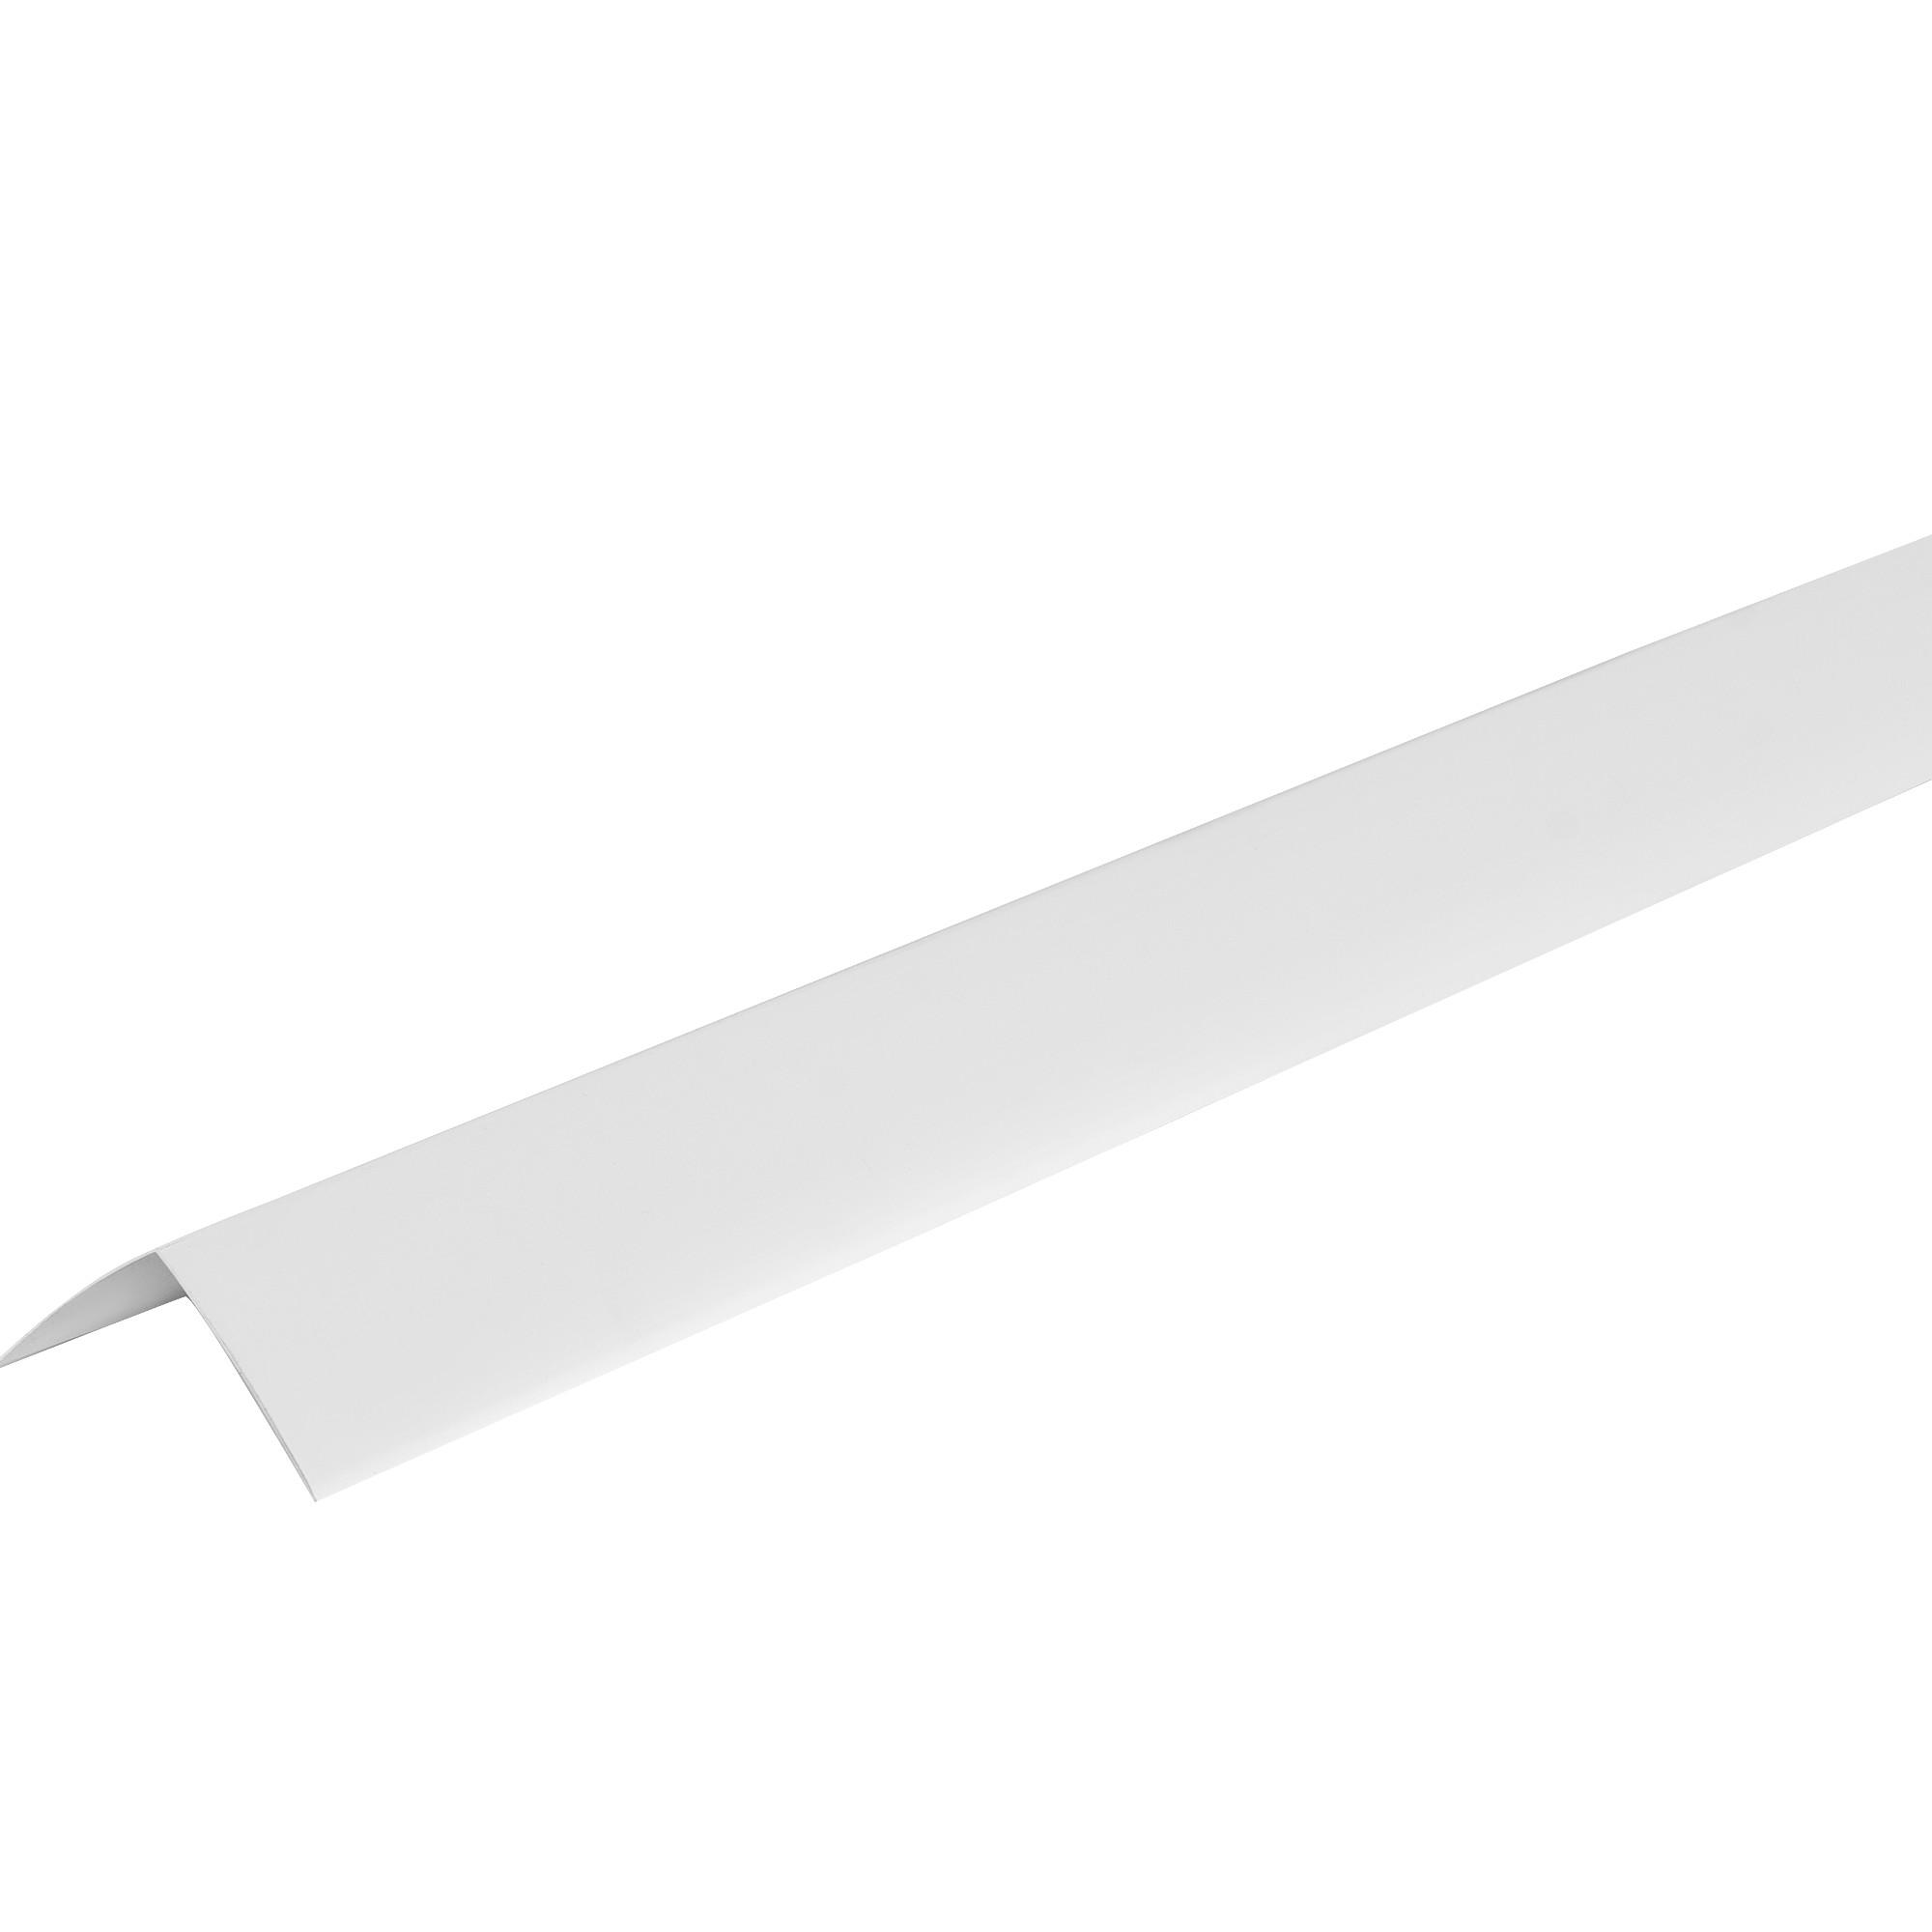 Угол 60х60x2700 мм, цвет белый